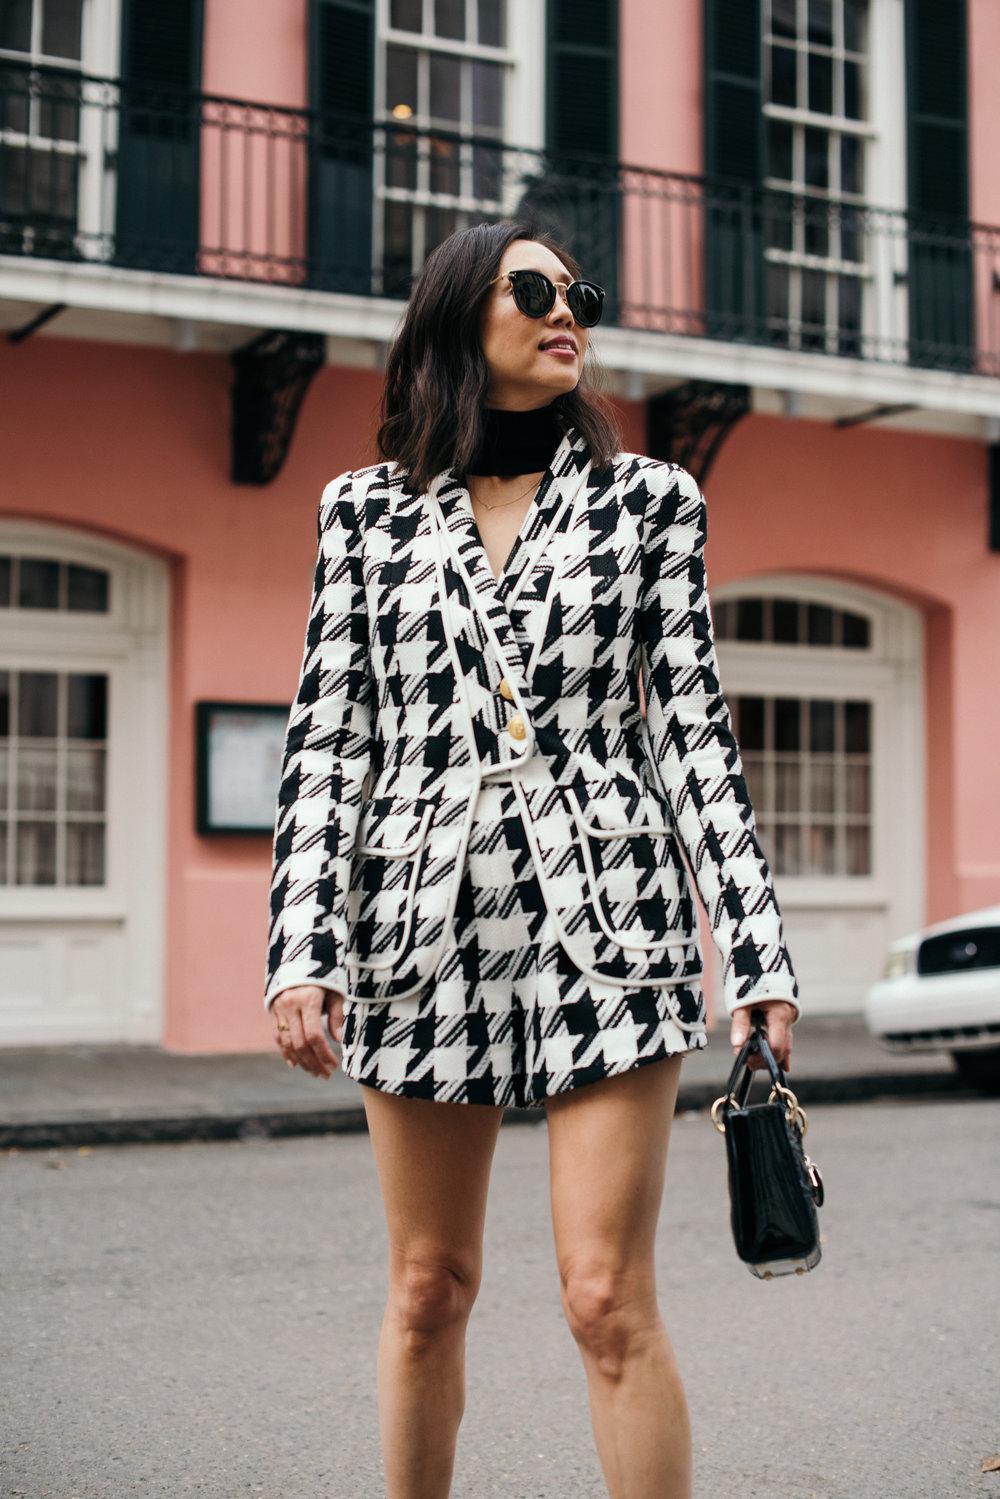 Shorts + blazer: balmain, bag: dior, boots: gucci, top: cushnie